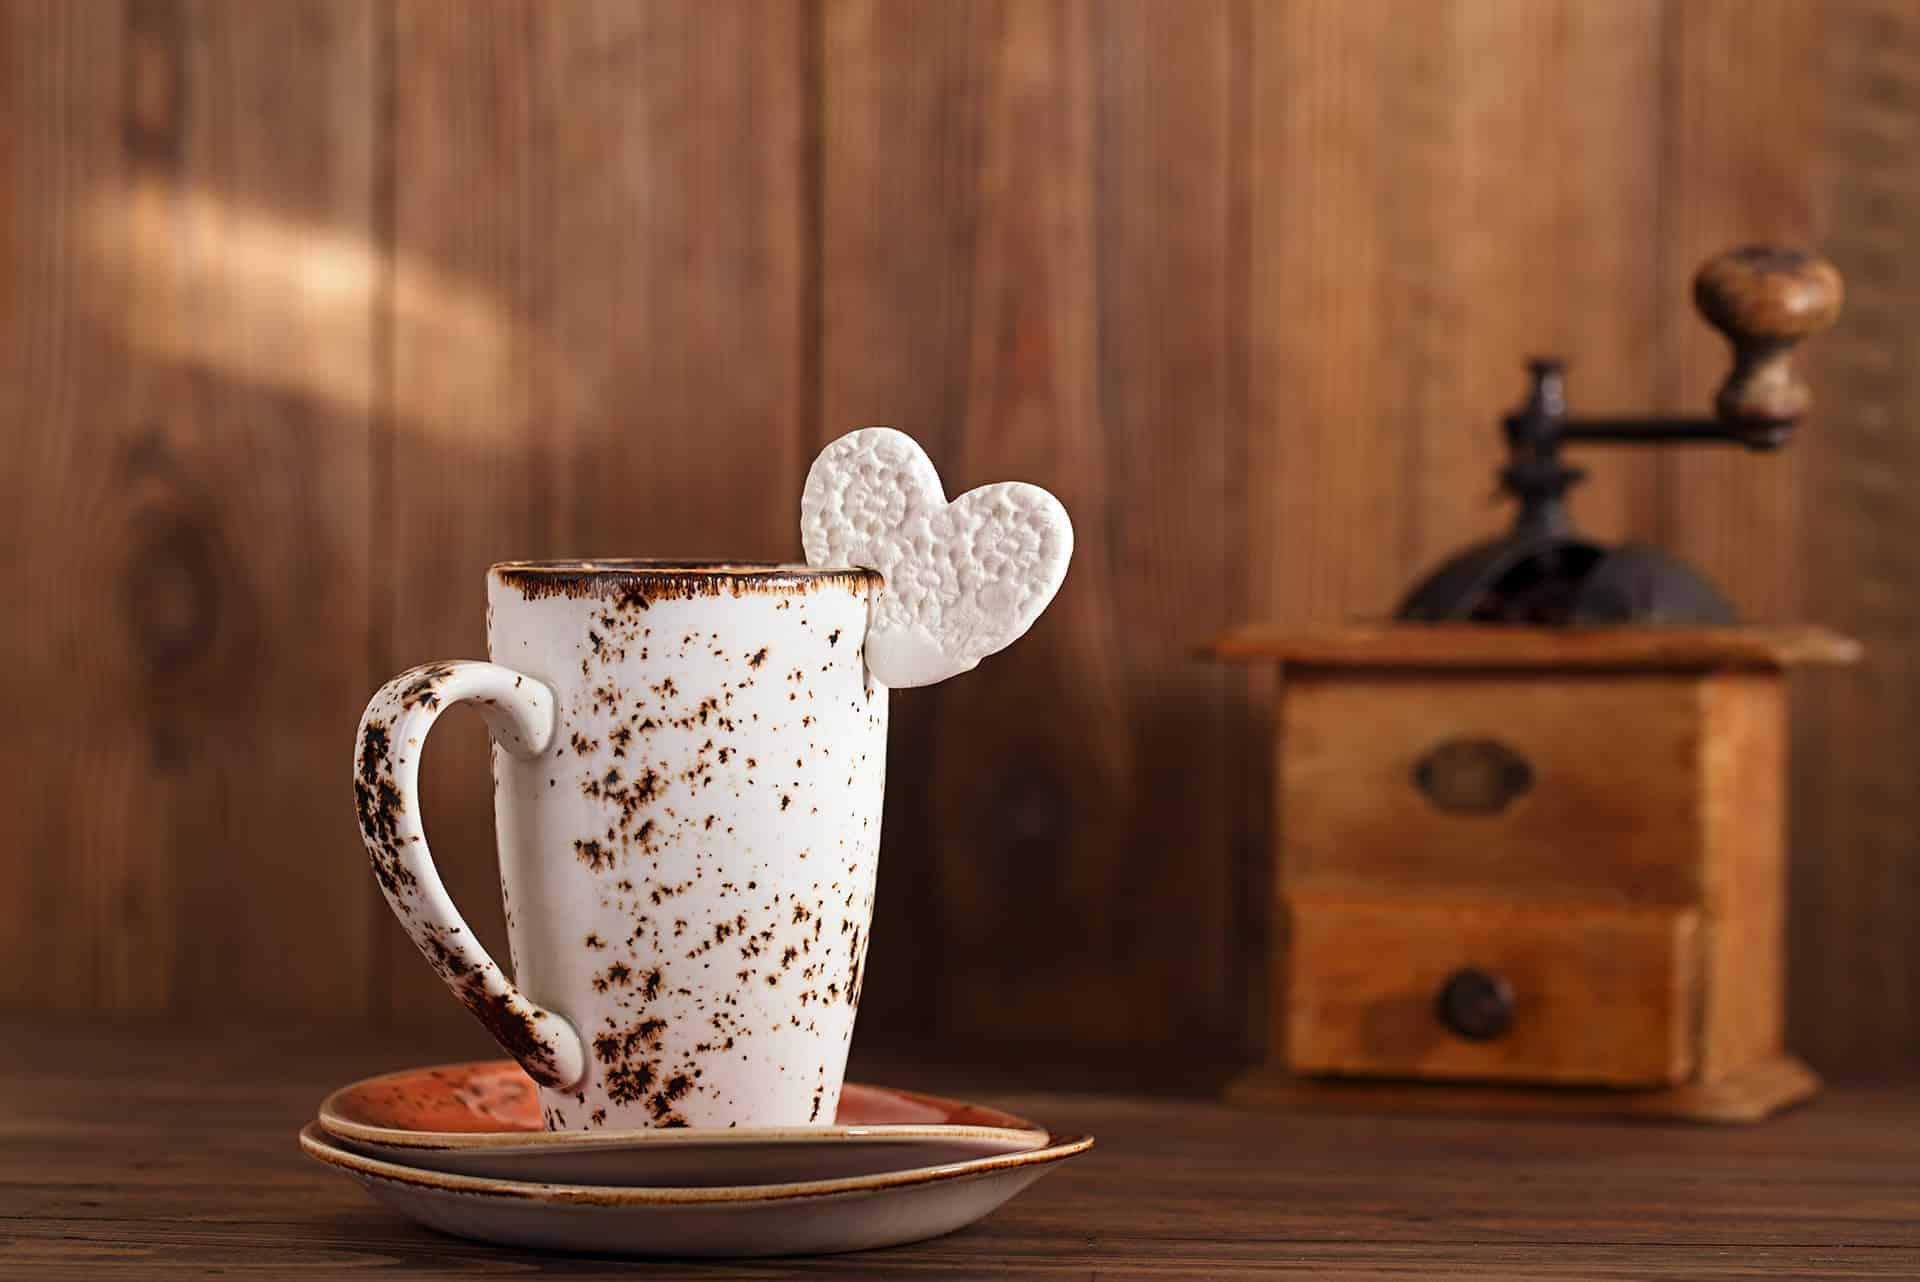 hur mycket är en kaffekopp